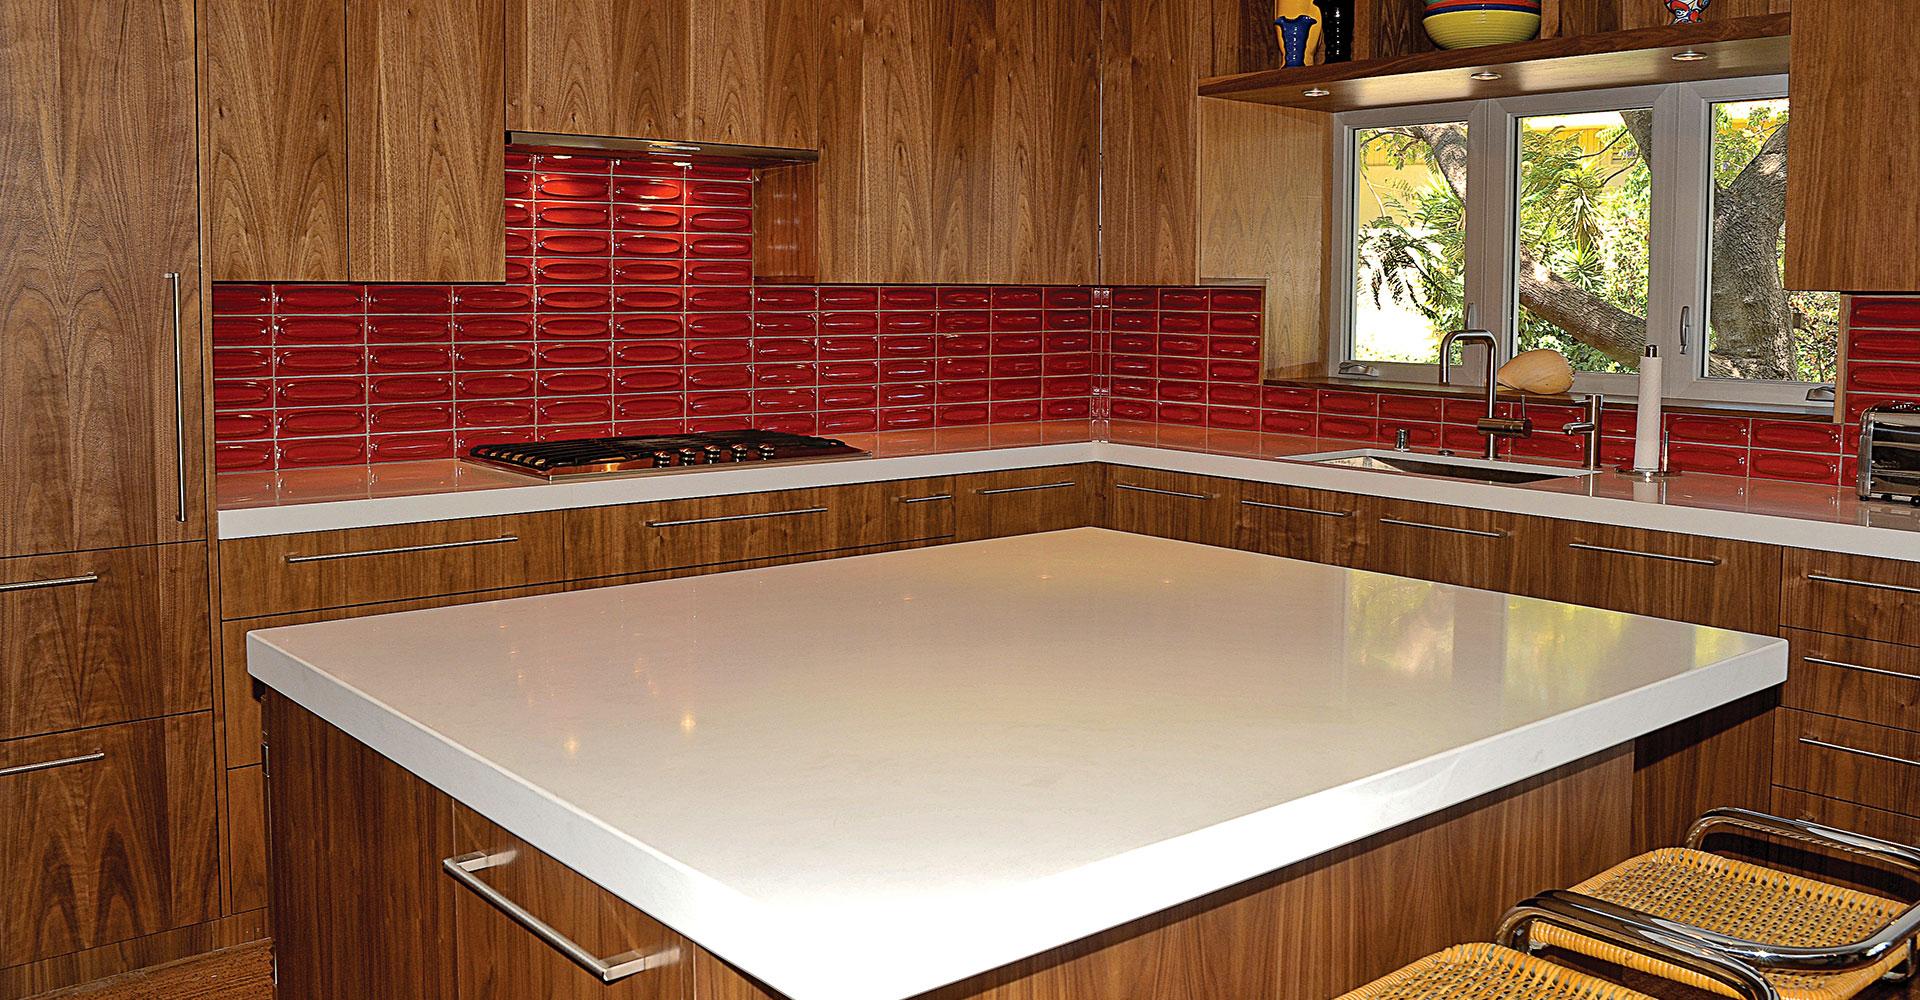 Retro Kitchen Fitucci Custom Cabinetry